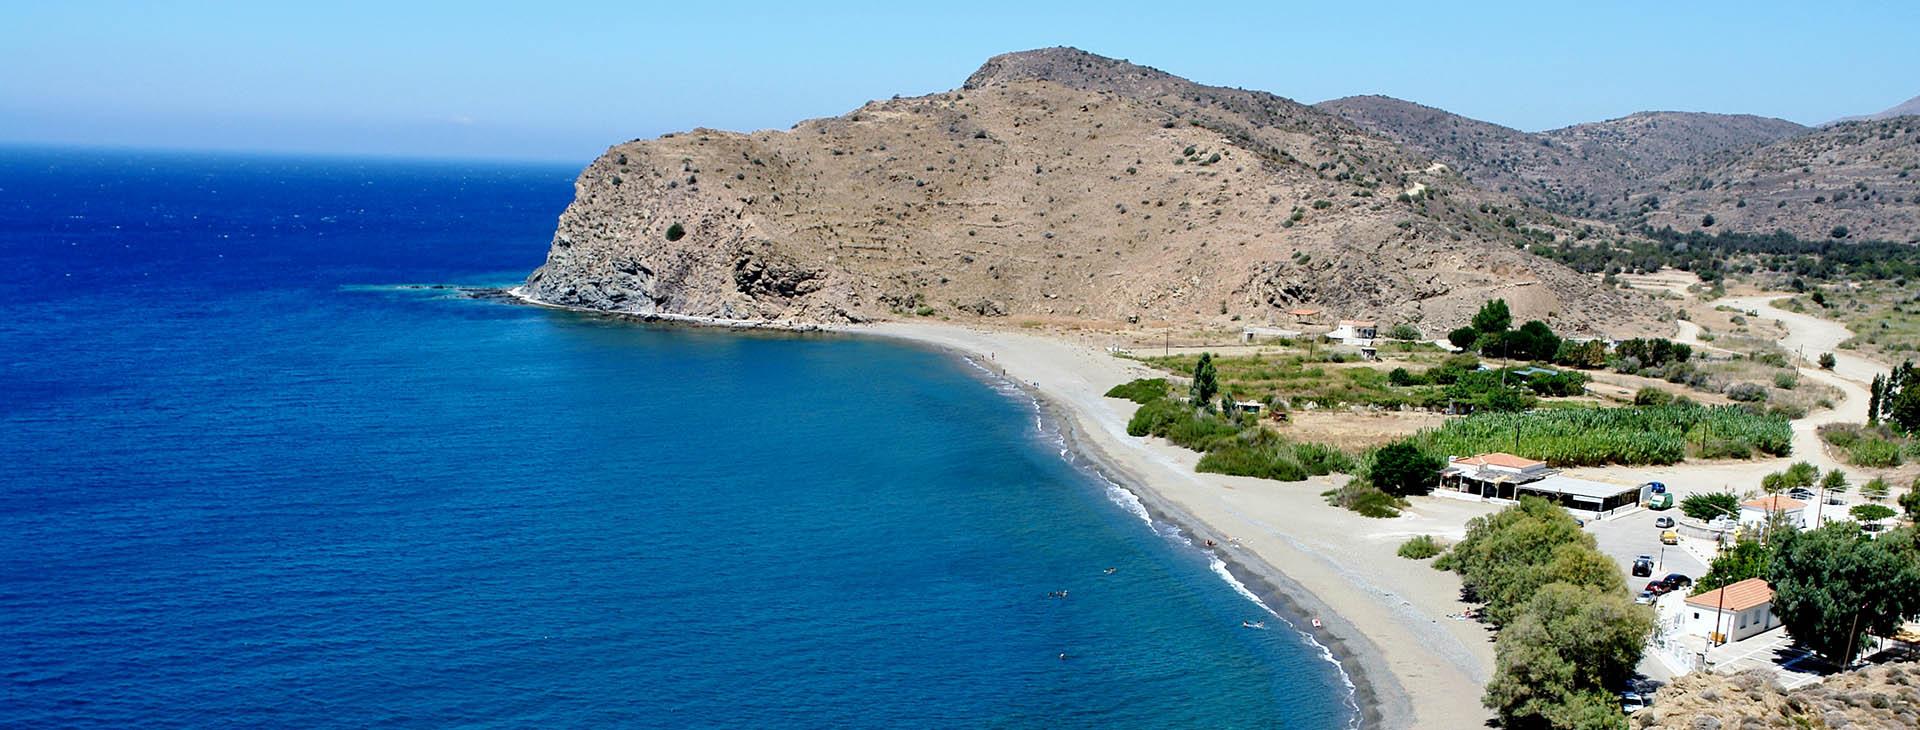 Marcella beach, Chios island